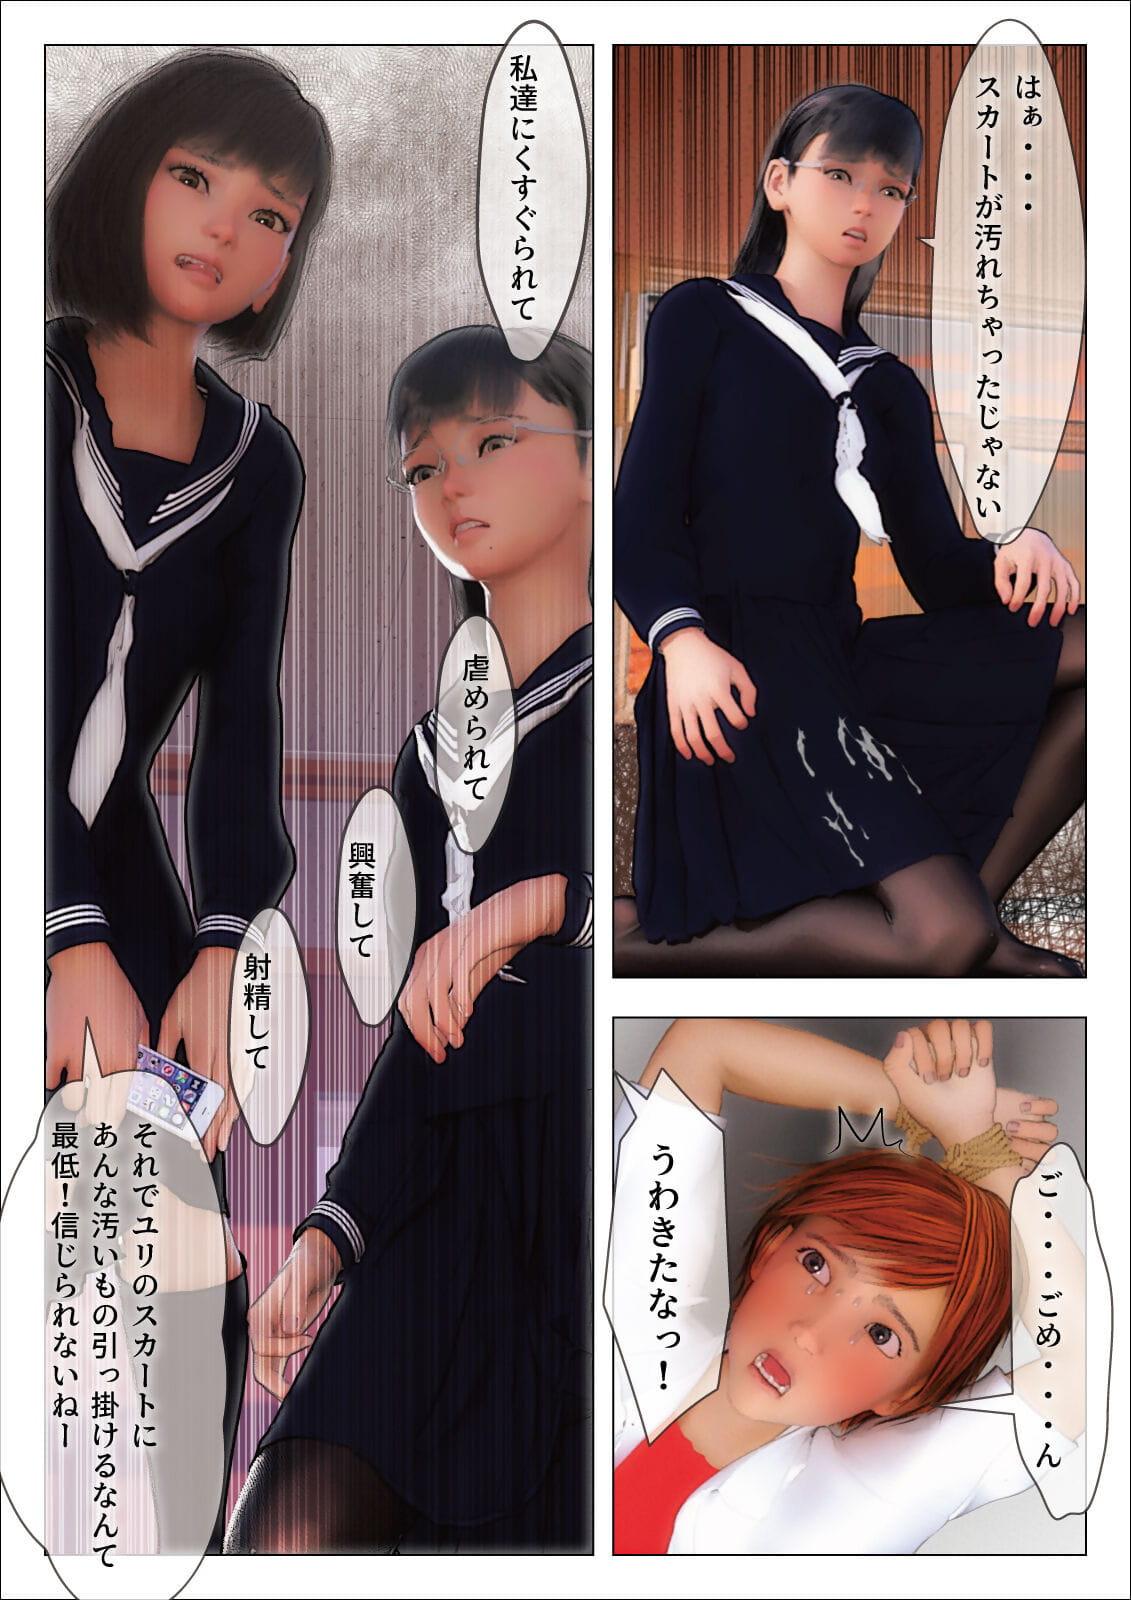 F/M Kusuguri Schemes Teishoku Saki-chan more Tosho Iinchou Yuri-chan ni Ashikoki more Kusuguri Zeme de Dorei ni Sareru ~Ijimekko Gakuten Kusuguri Jigoku Ochi 2~